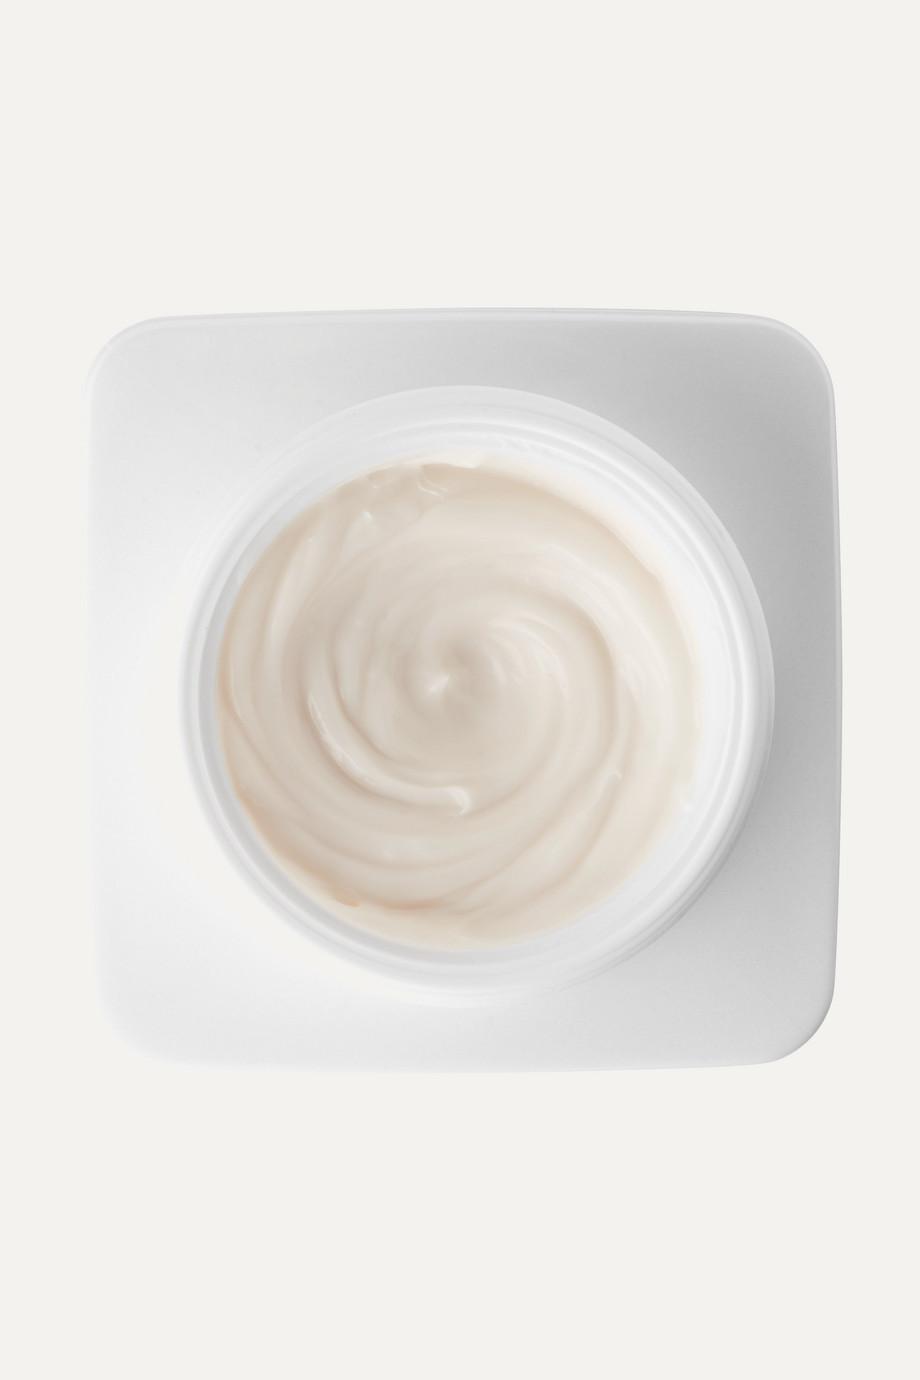 Erno Laszlo Phelityl Night Cream, 50 ml – Nachtcreme